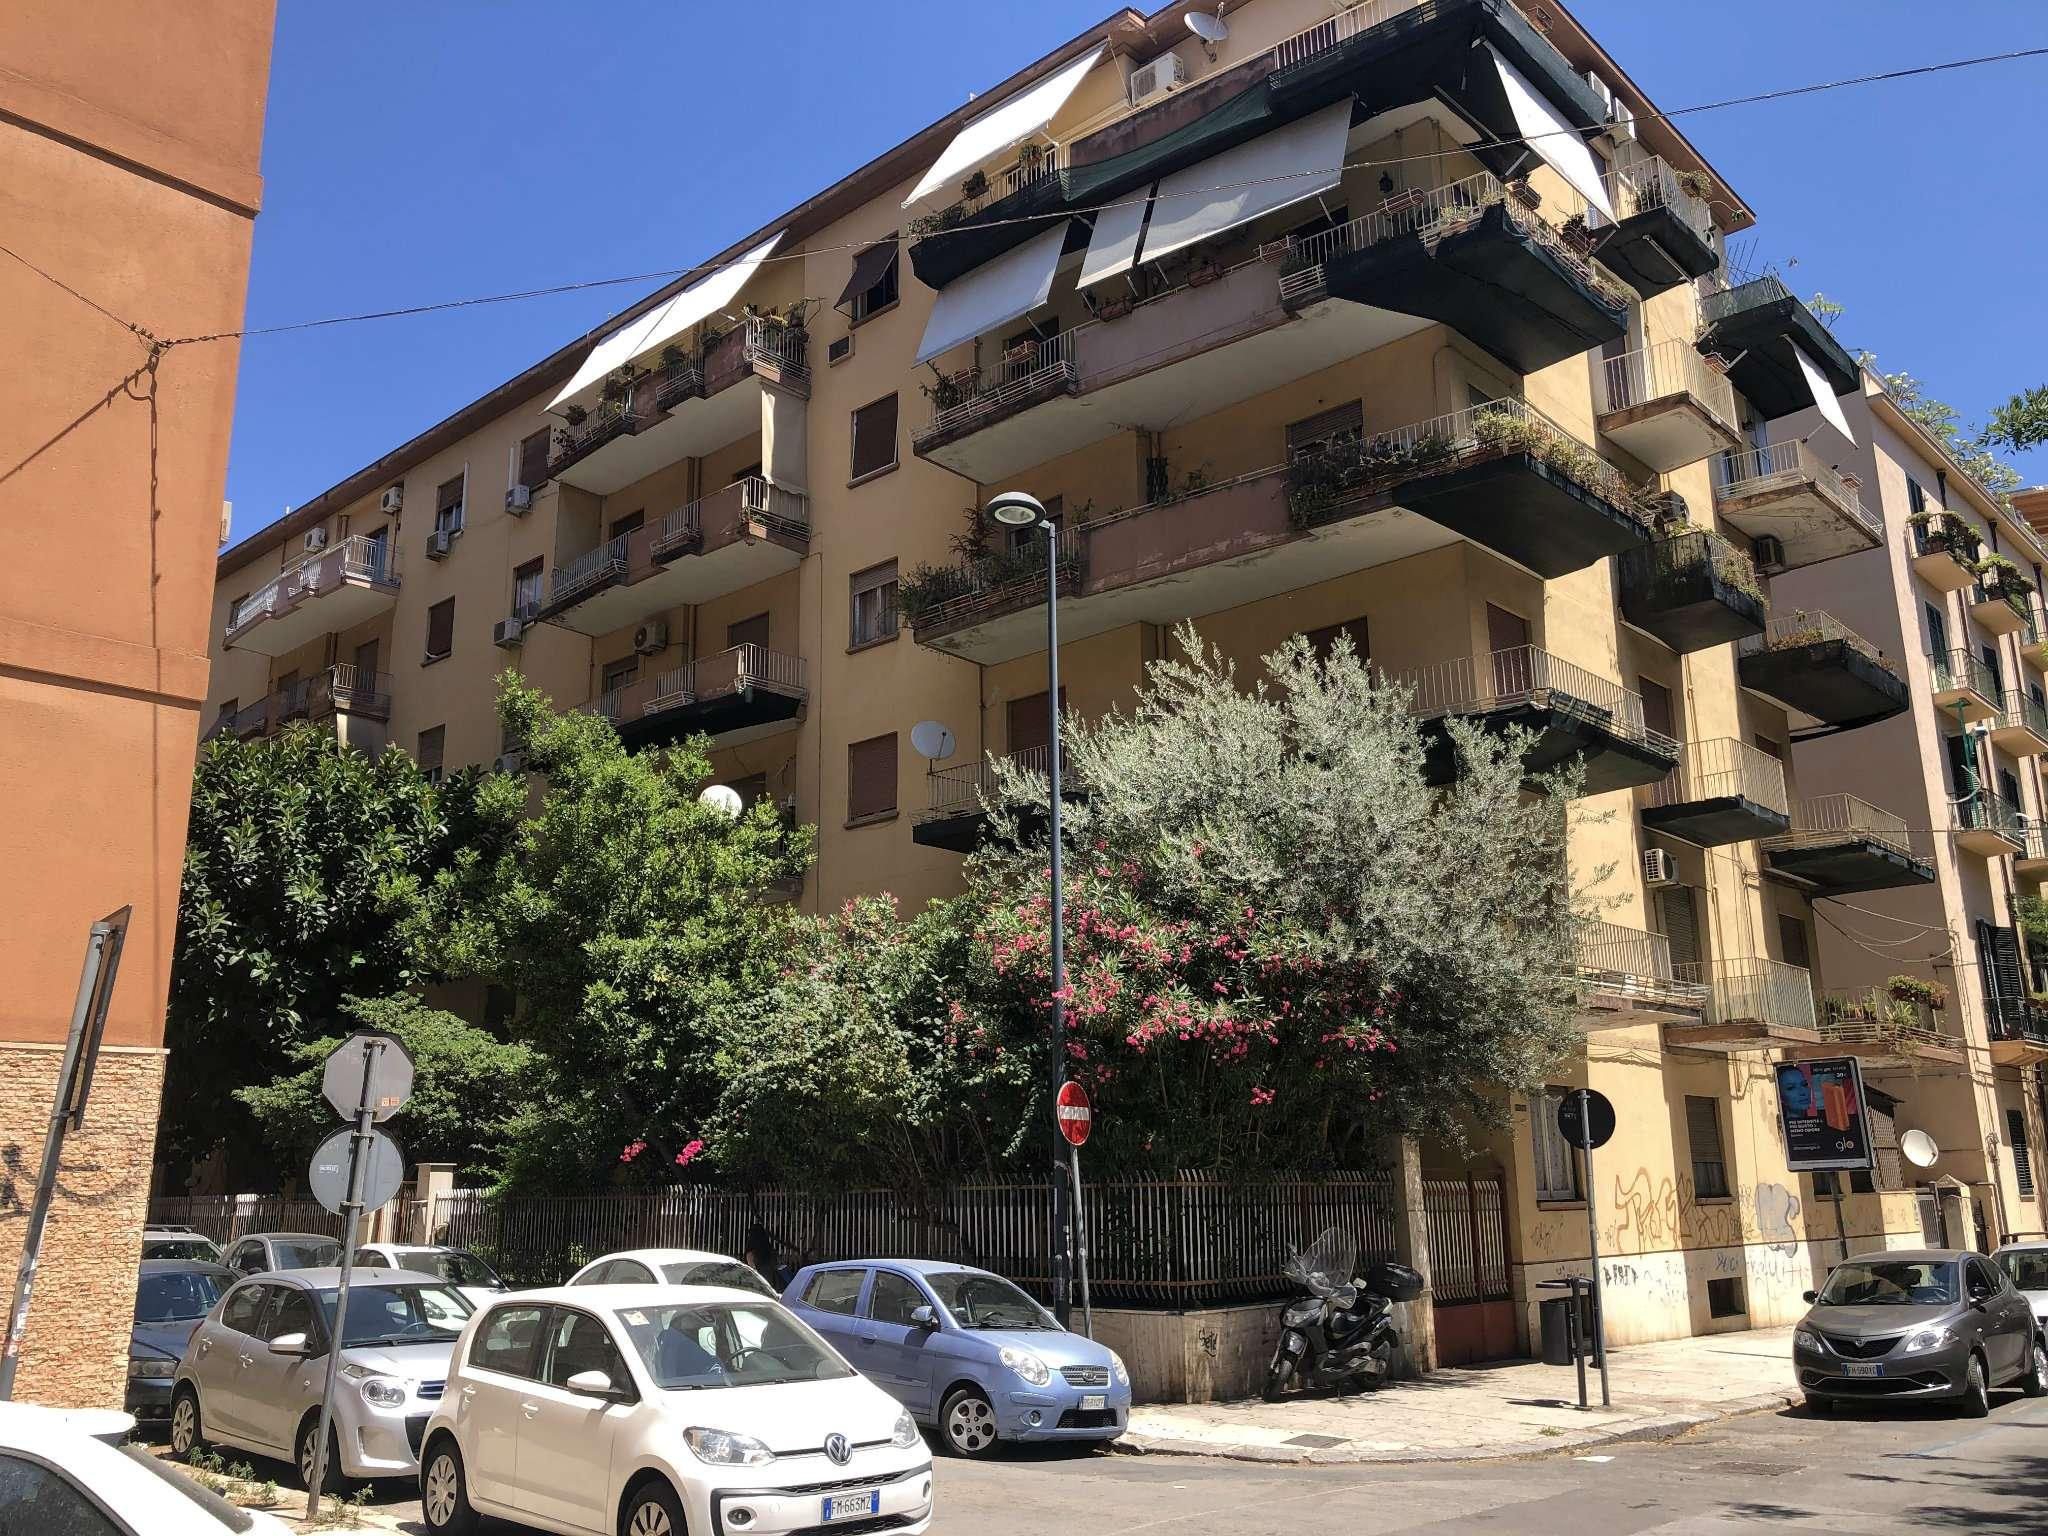 Appartamento in Vendita a Palermo:  5 locali, 160 mq  - Foto 1